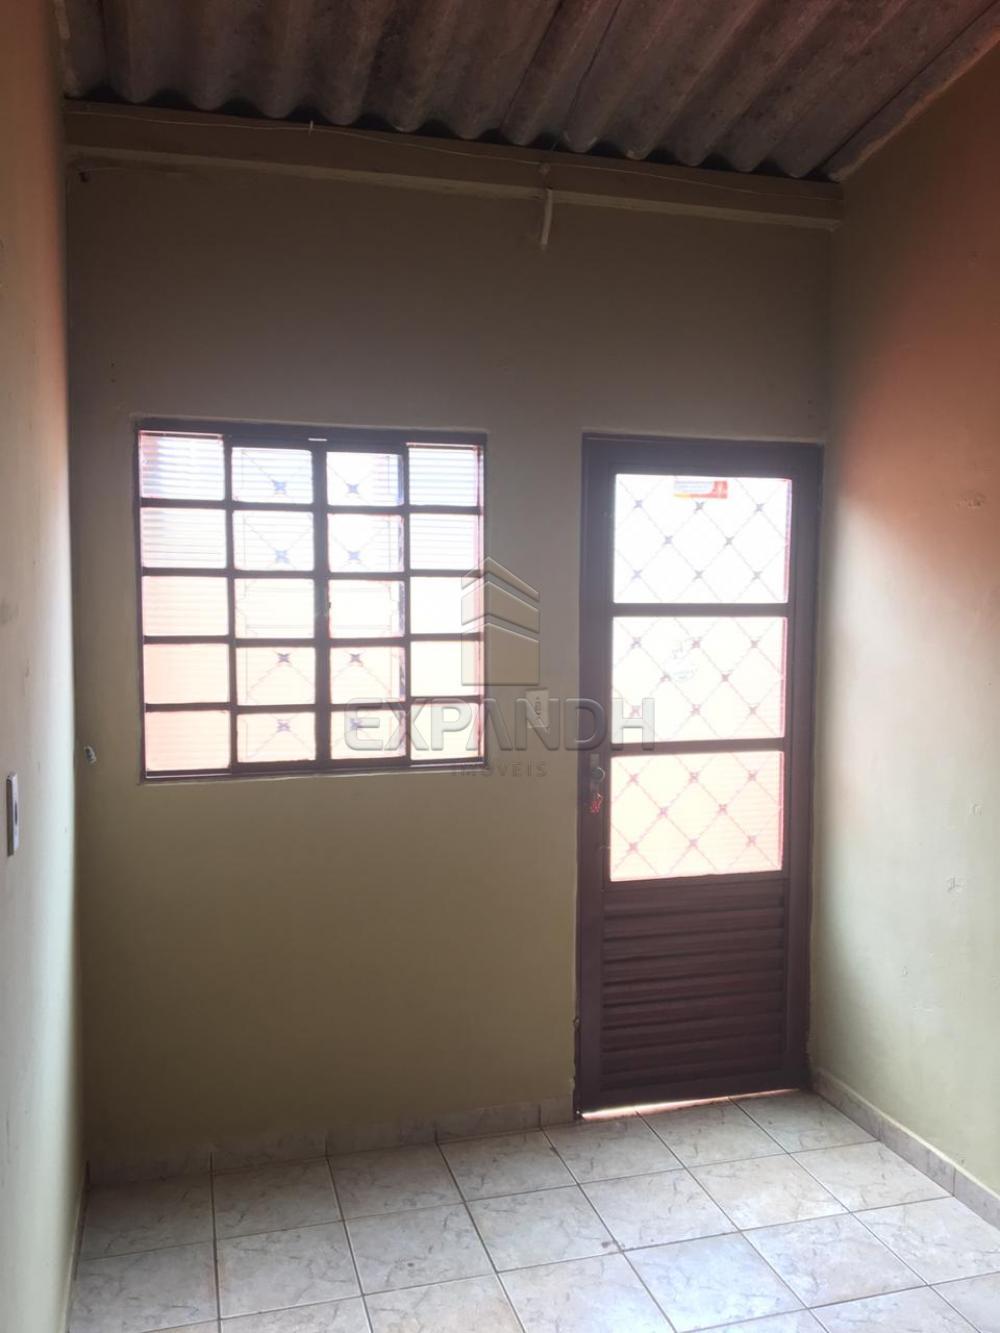 Alugar Casas / Padrão em Sertãozinho apenas R$ 400,00 - Foto 6